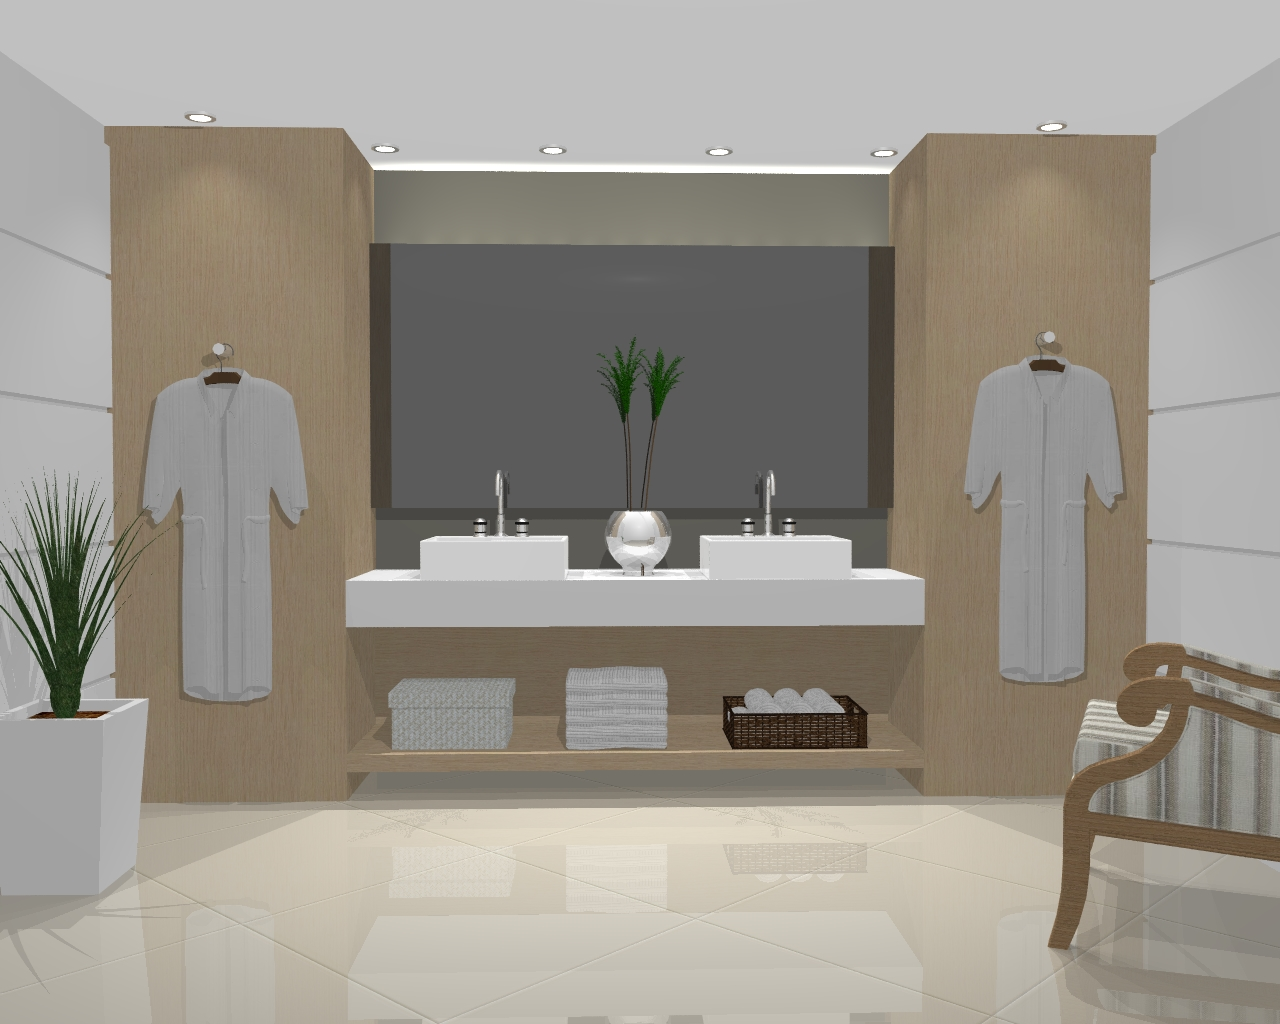 do projeto este projeto foi desenvolvido para o showroom de uma loja #65513C 1280 1024